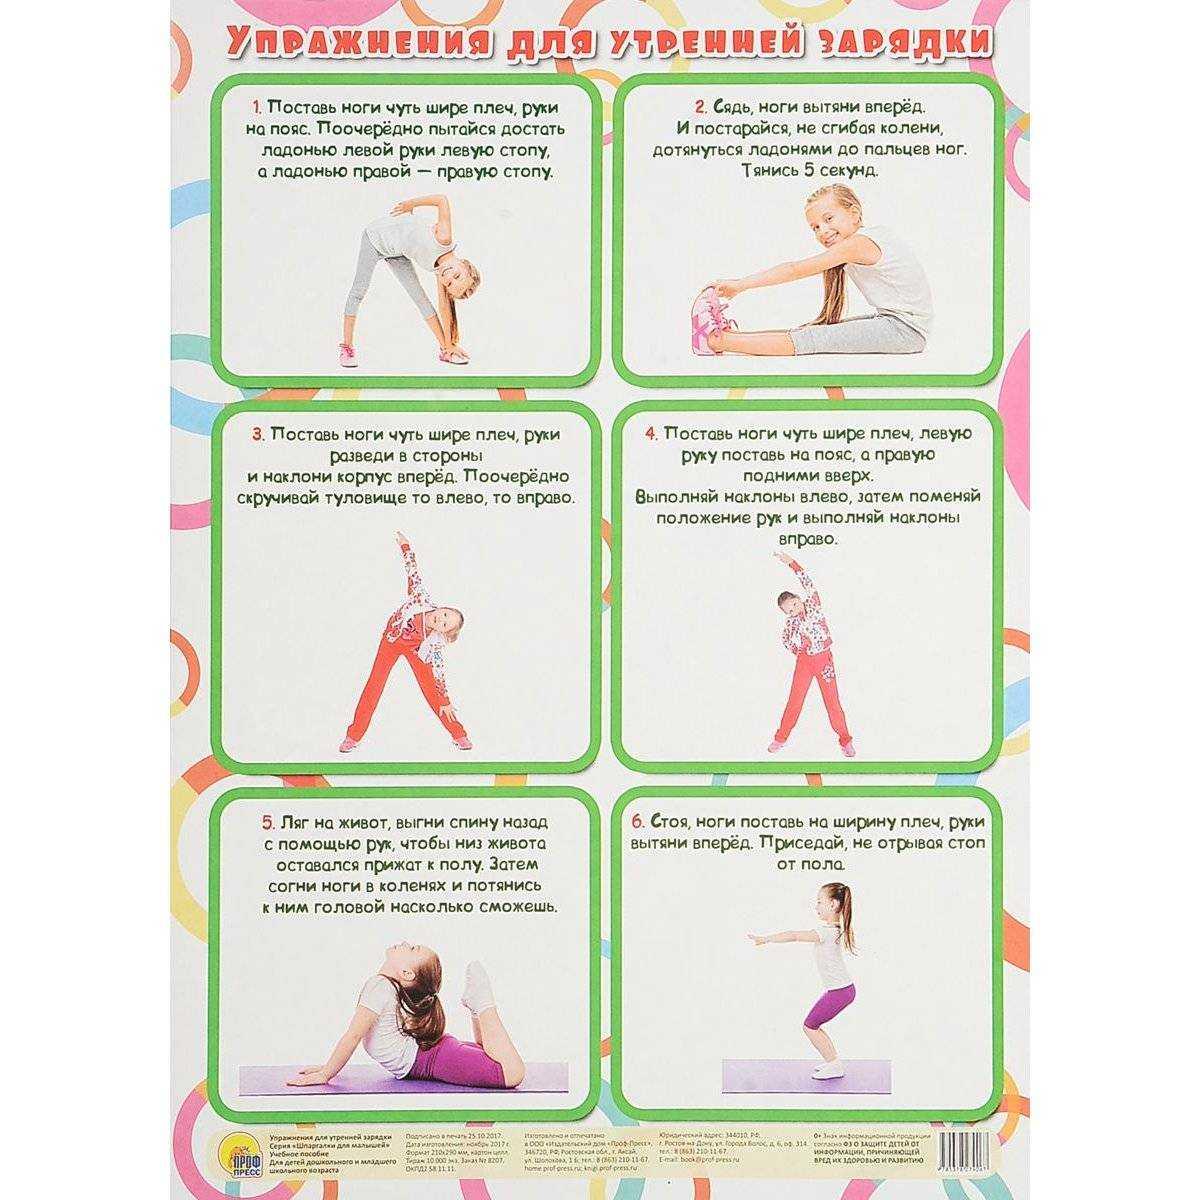 Утренняя зарядка для женщин за 10 минут будет лучшей тренировкой организма для бодрости на весь предстоящий день